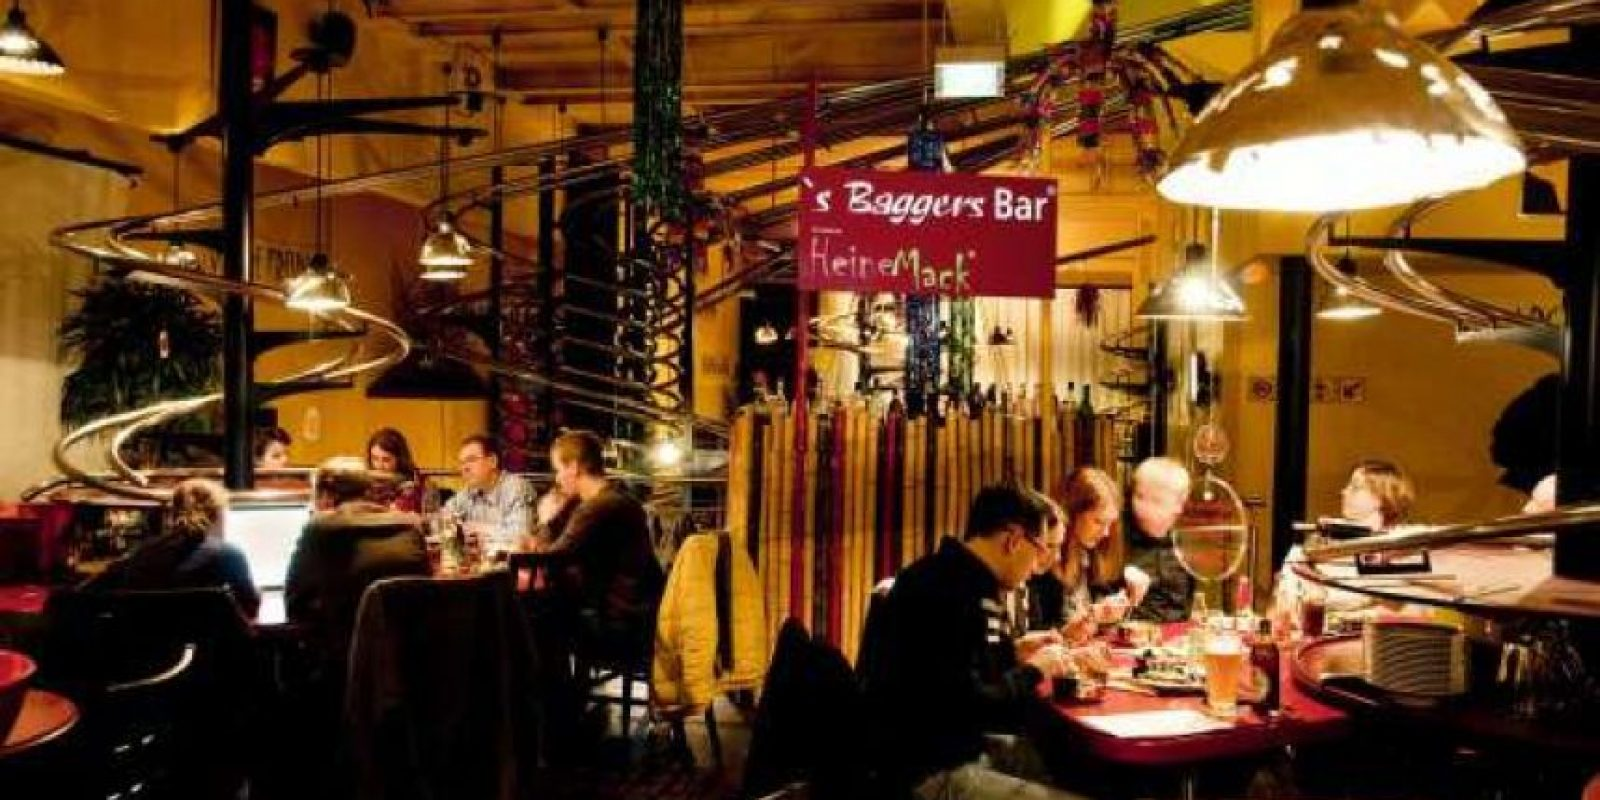 En el restaurante Baggers de Nuremberg, usted ordena su pedido a través de una montaña rusa. Foto:Dailypix